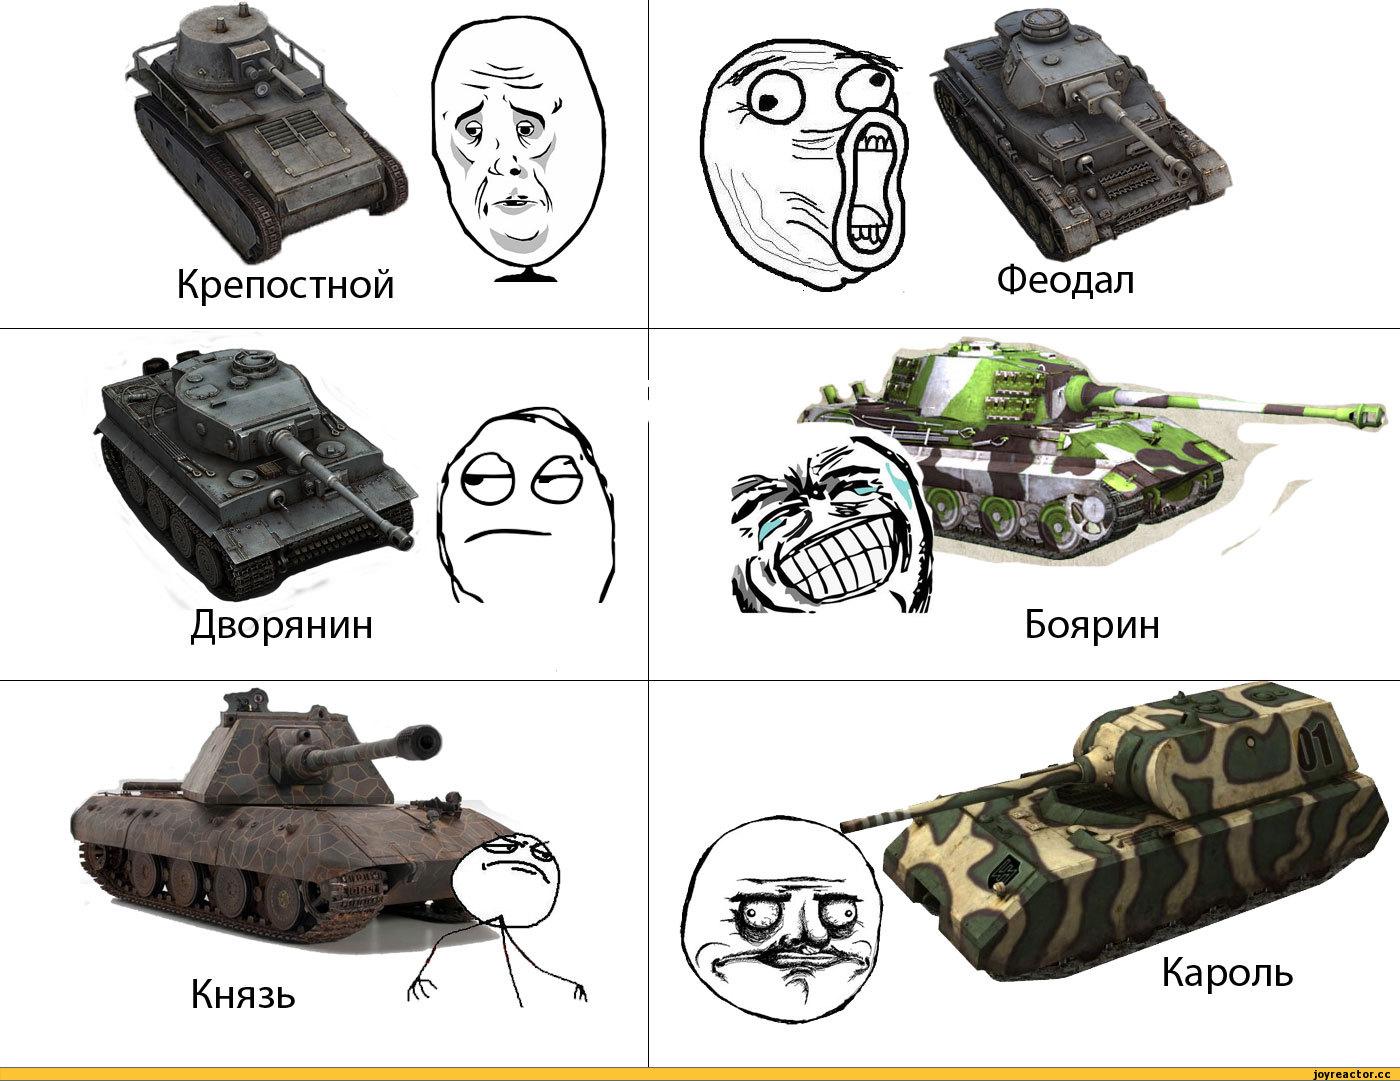 Конверта марта, картинки про ворлд оф танк смешные